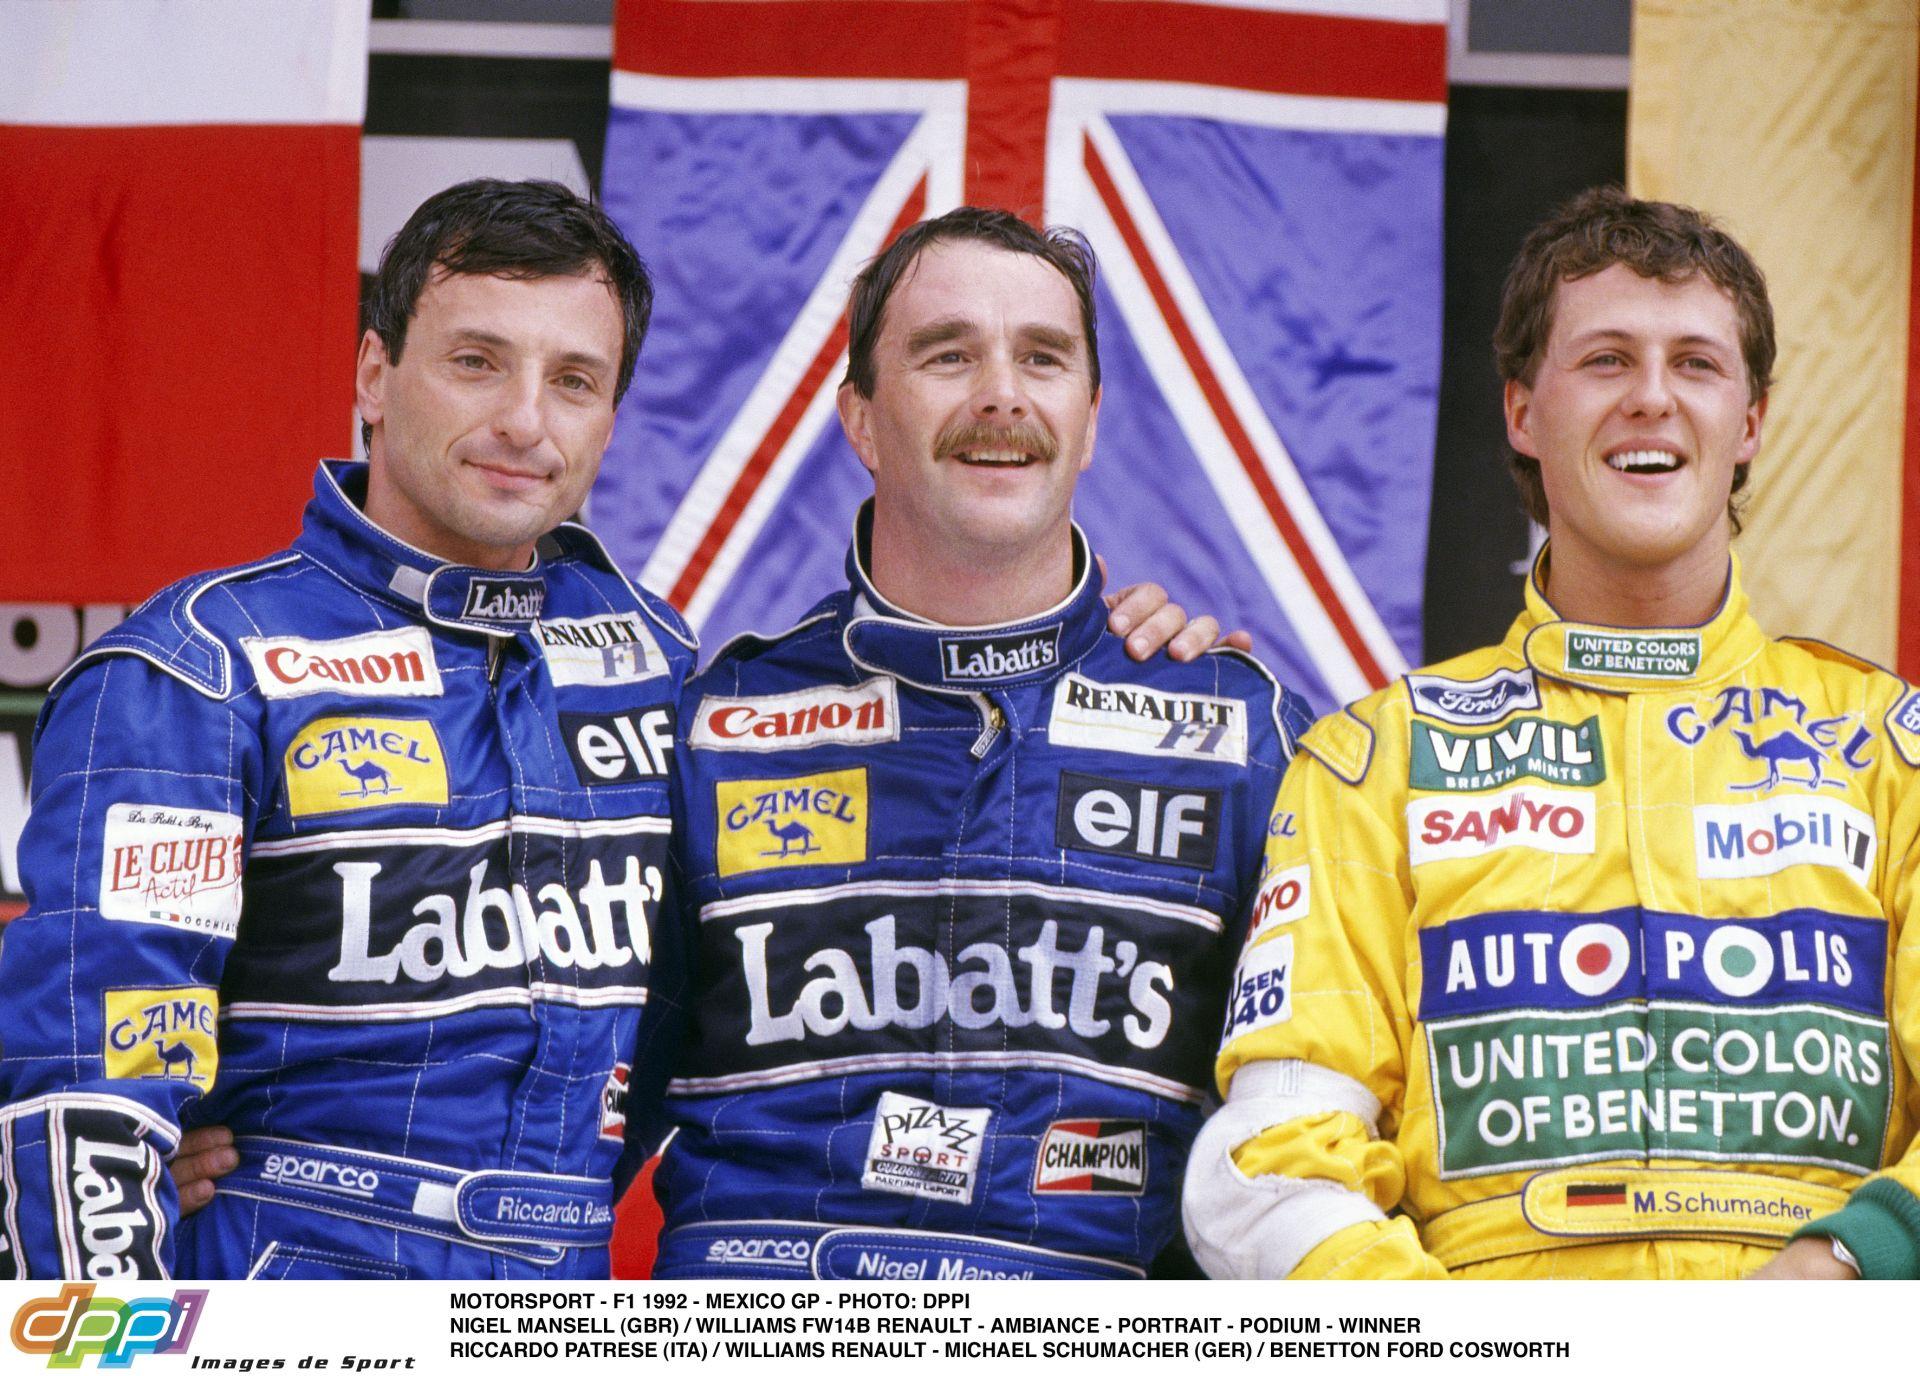 A mexikói pálya utolsó kanyarját Mansellről nevezik el